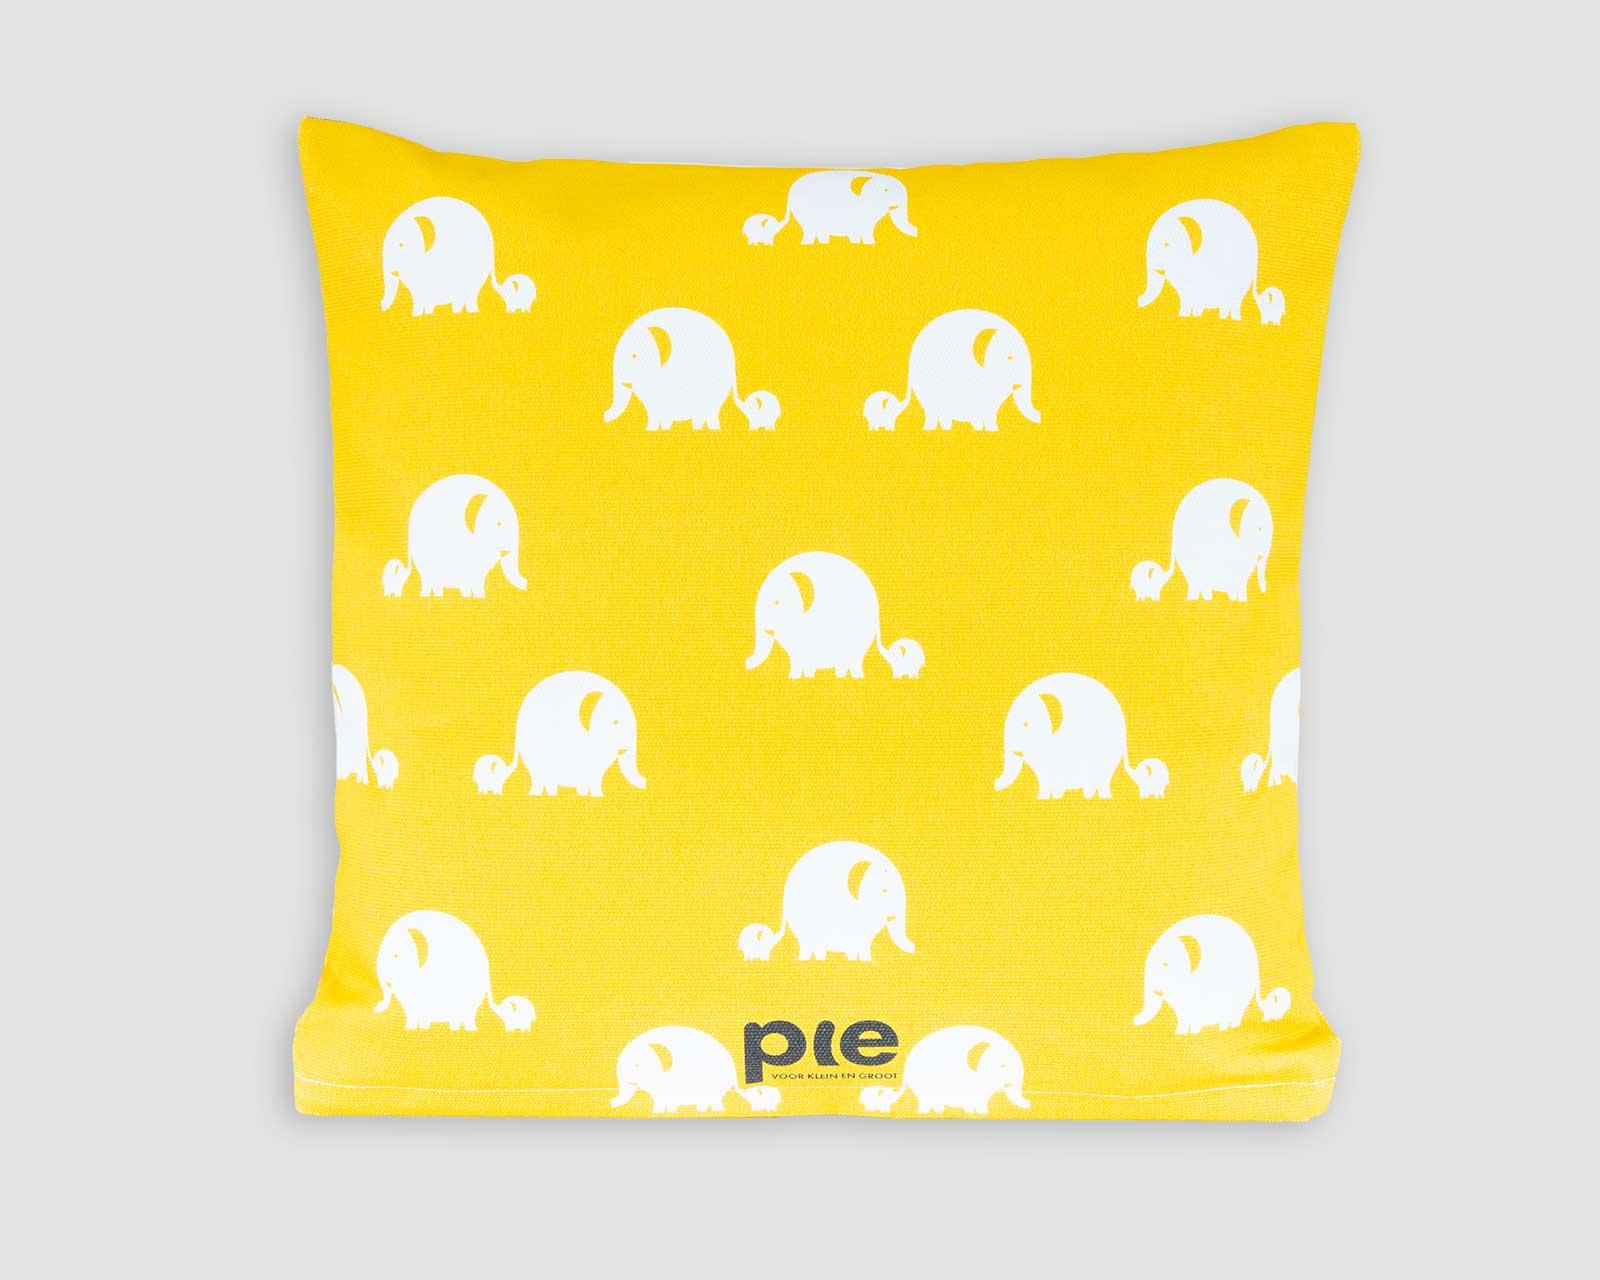 Never let go Kussenhoes kinderkamer blauw geel Olifant Pie 40x40 cm dubbelzijdige print